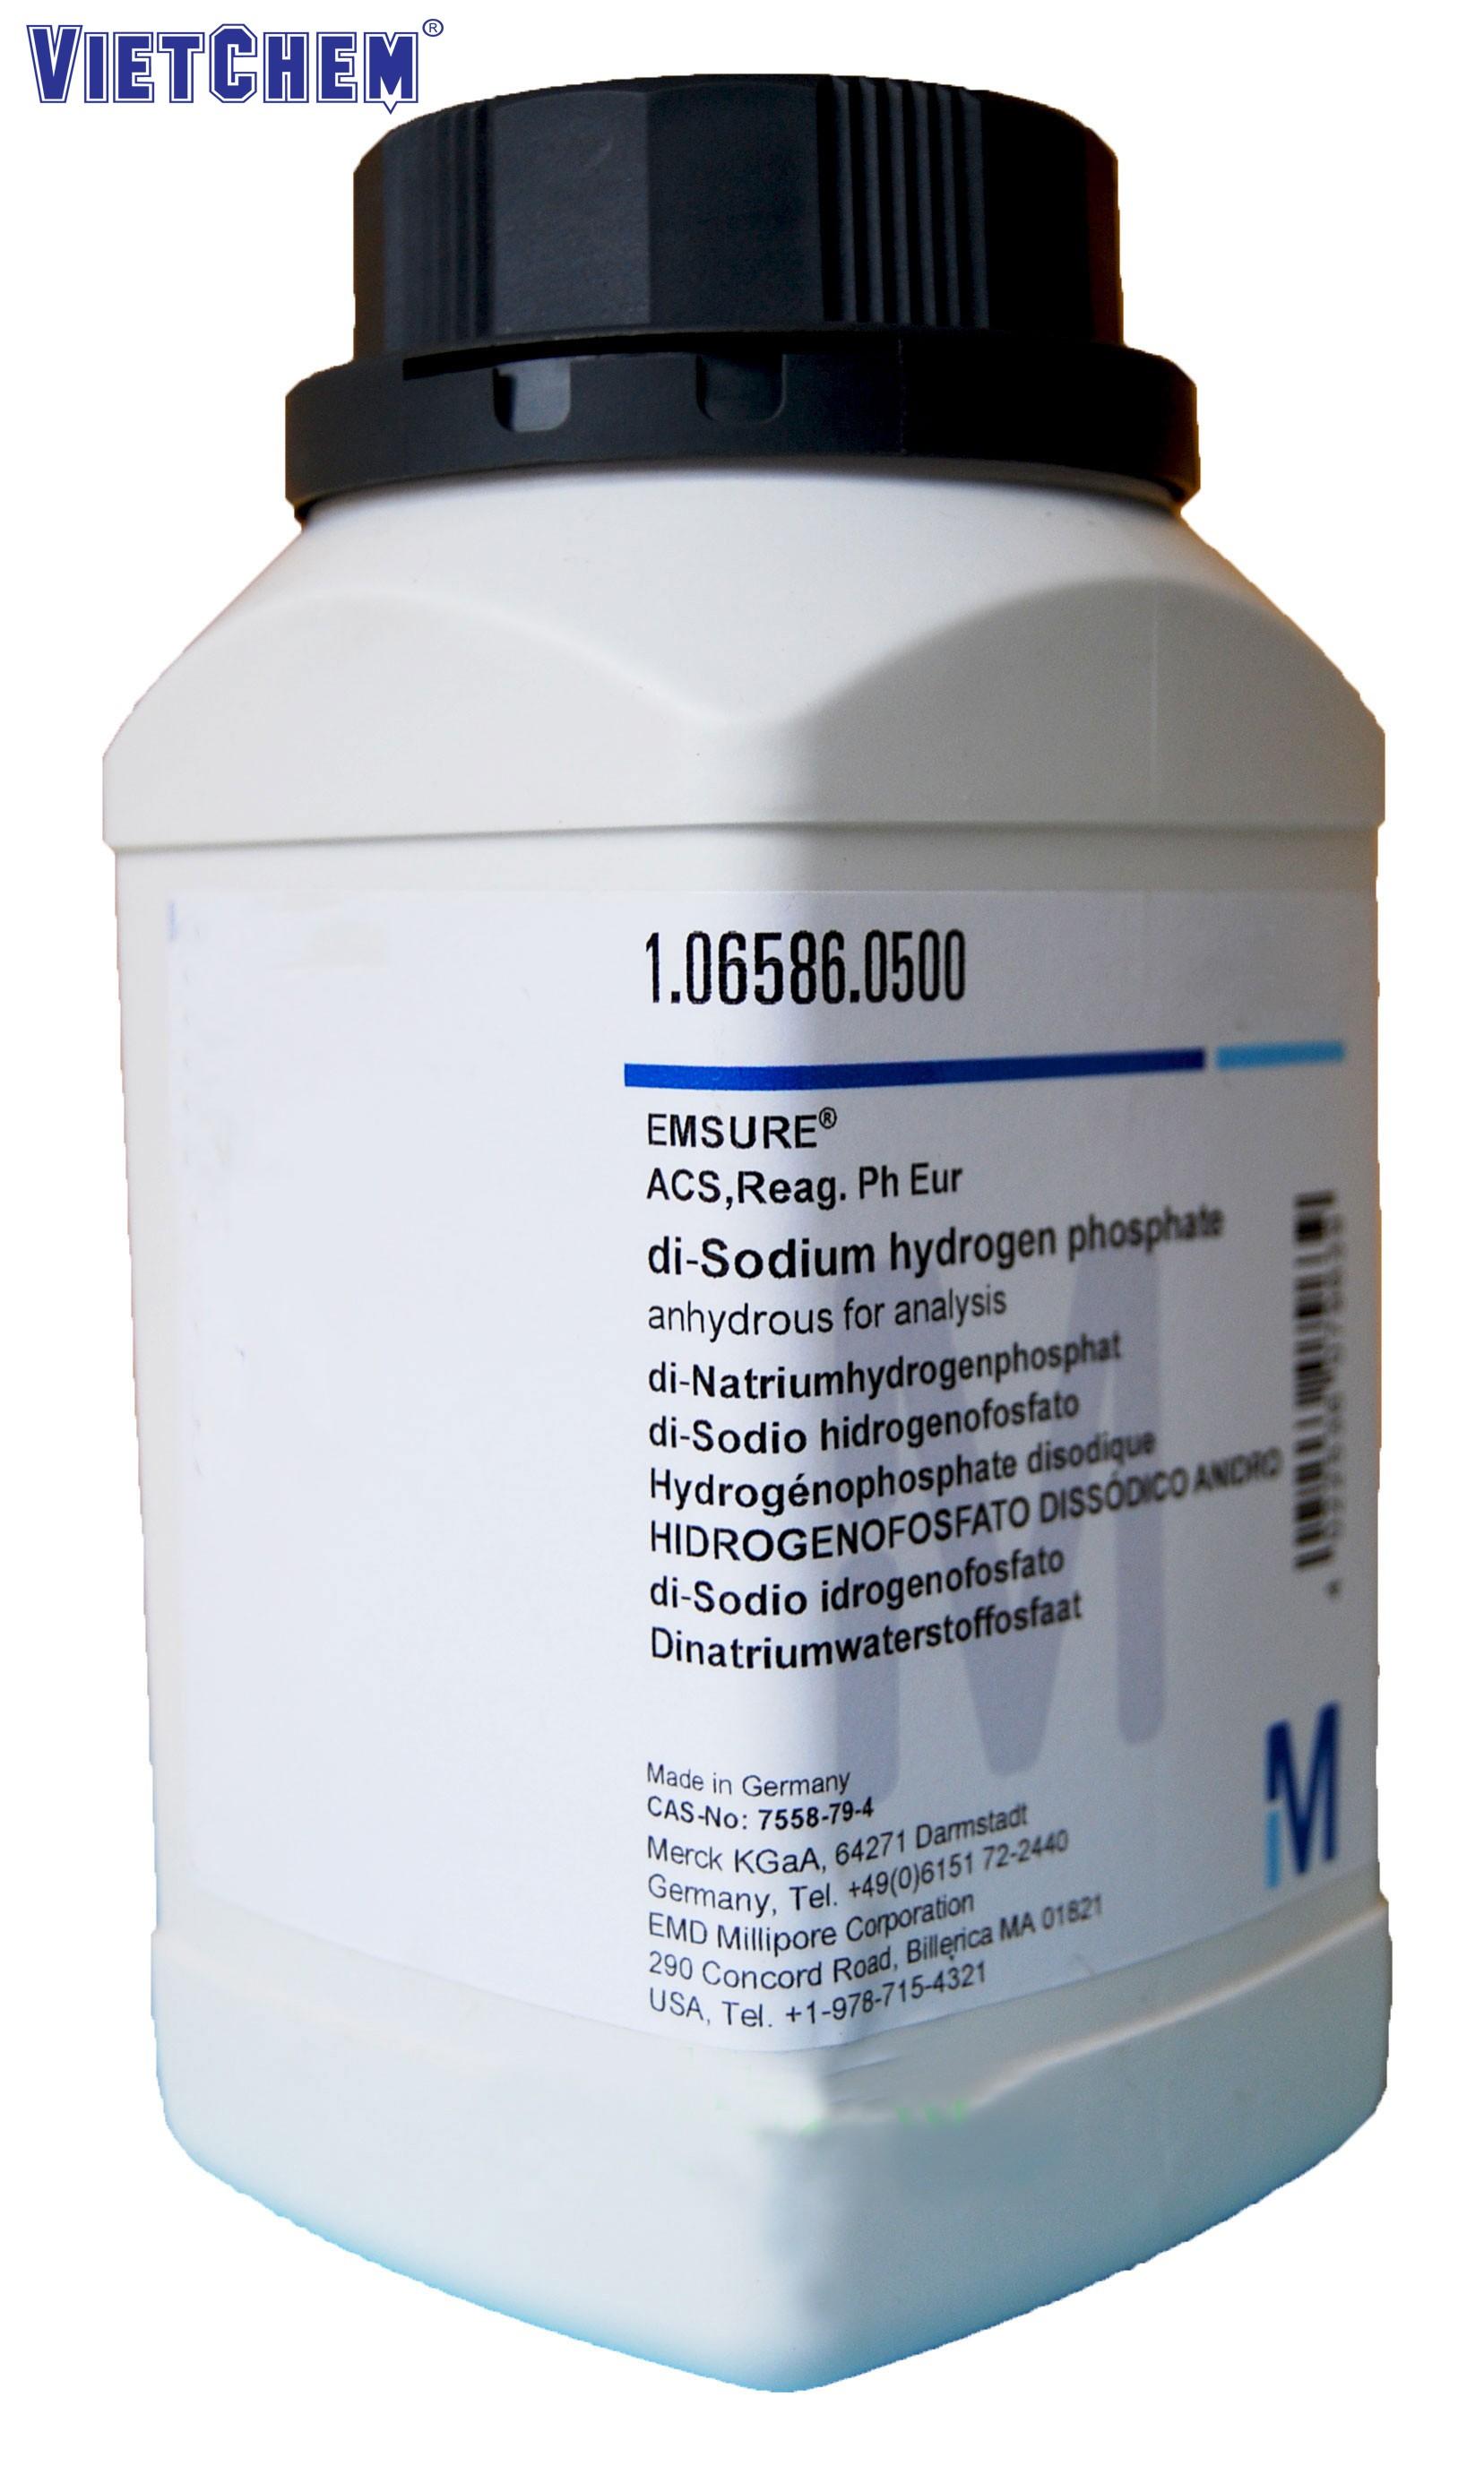 Dung dịch chuẩn Nitrat cho máy AAS - Merck